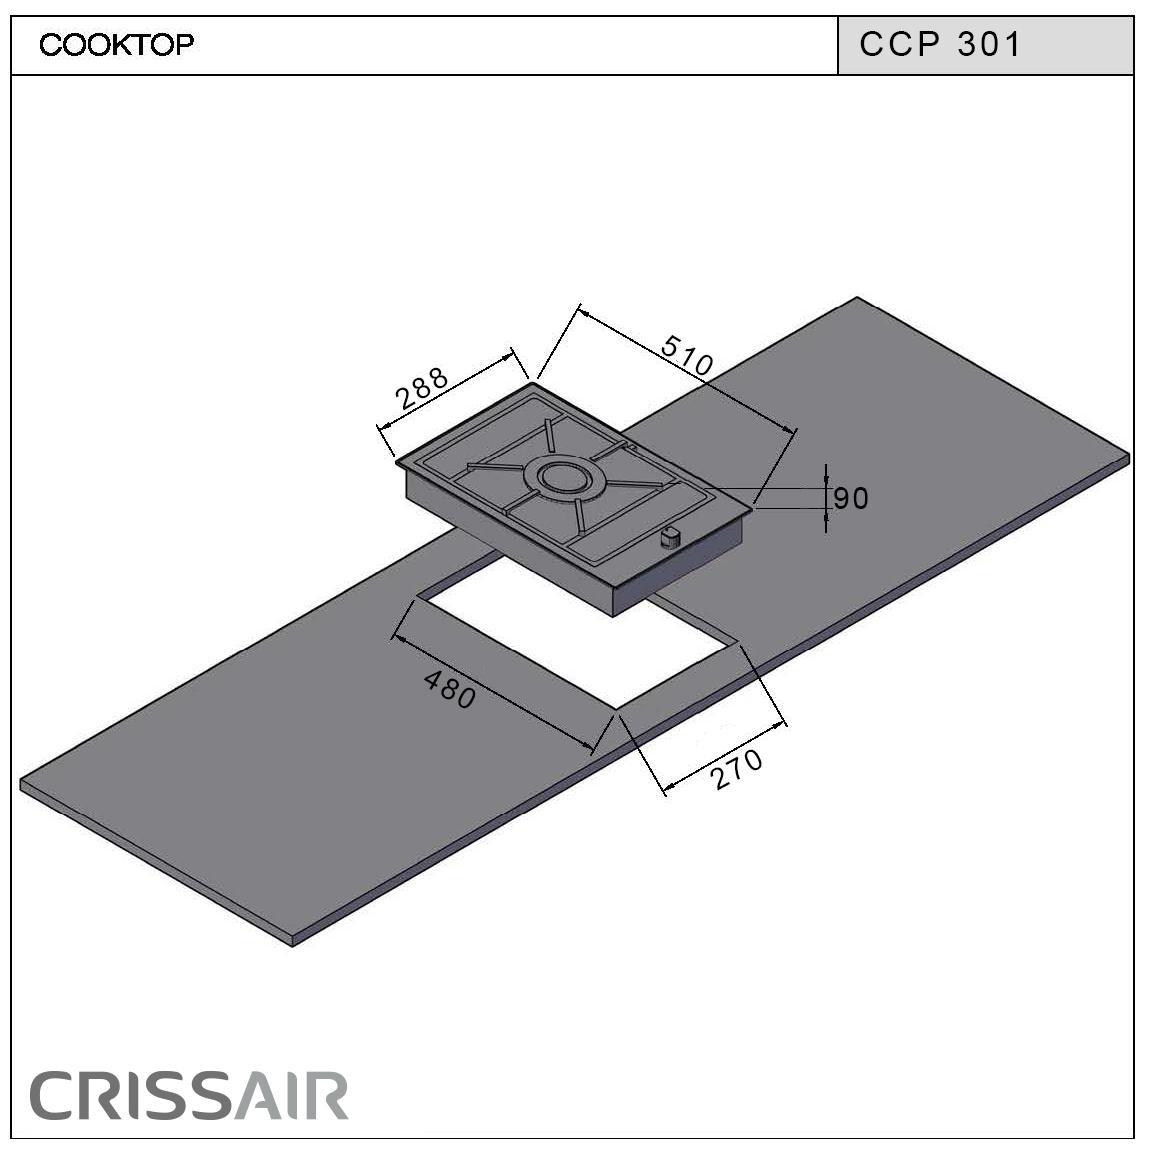 Cooktop a Gás CCP 301